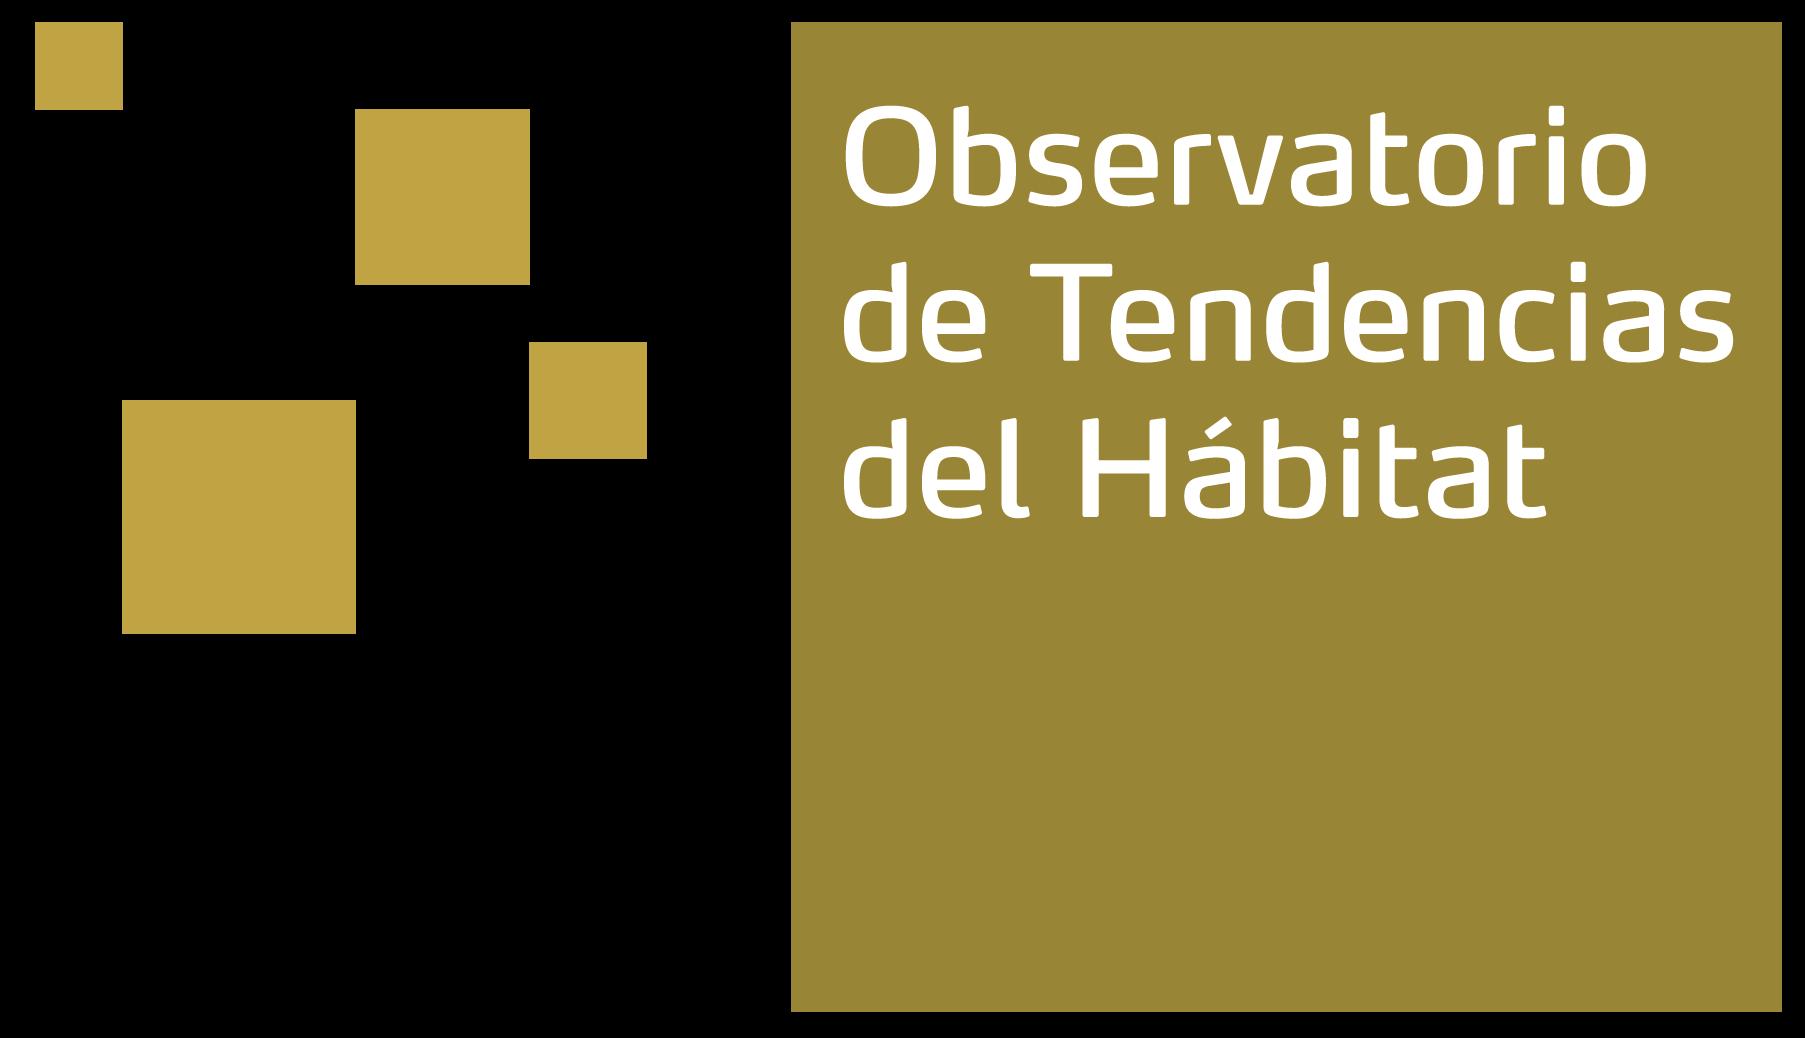 Observatorio de Tendencias del Hábitat